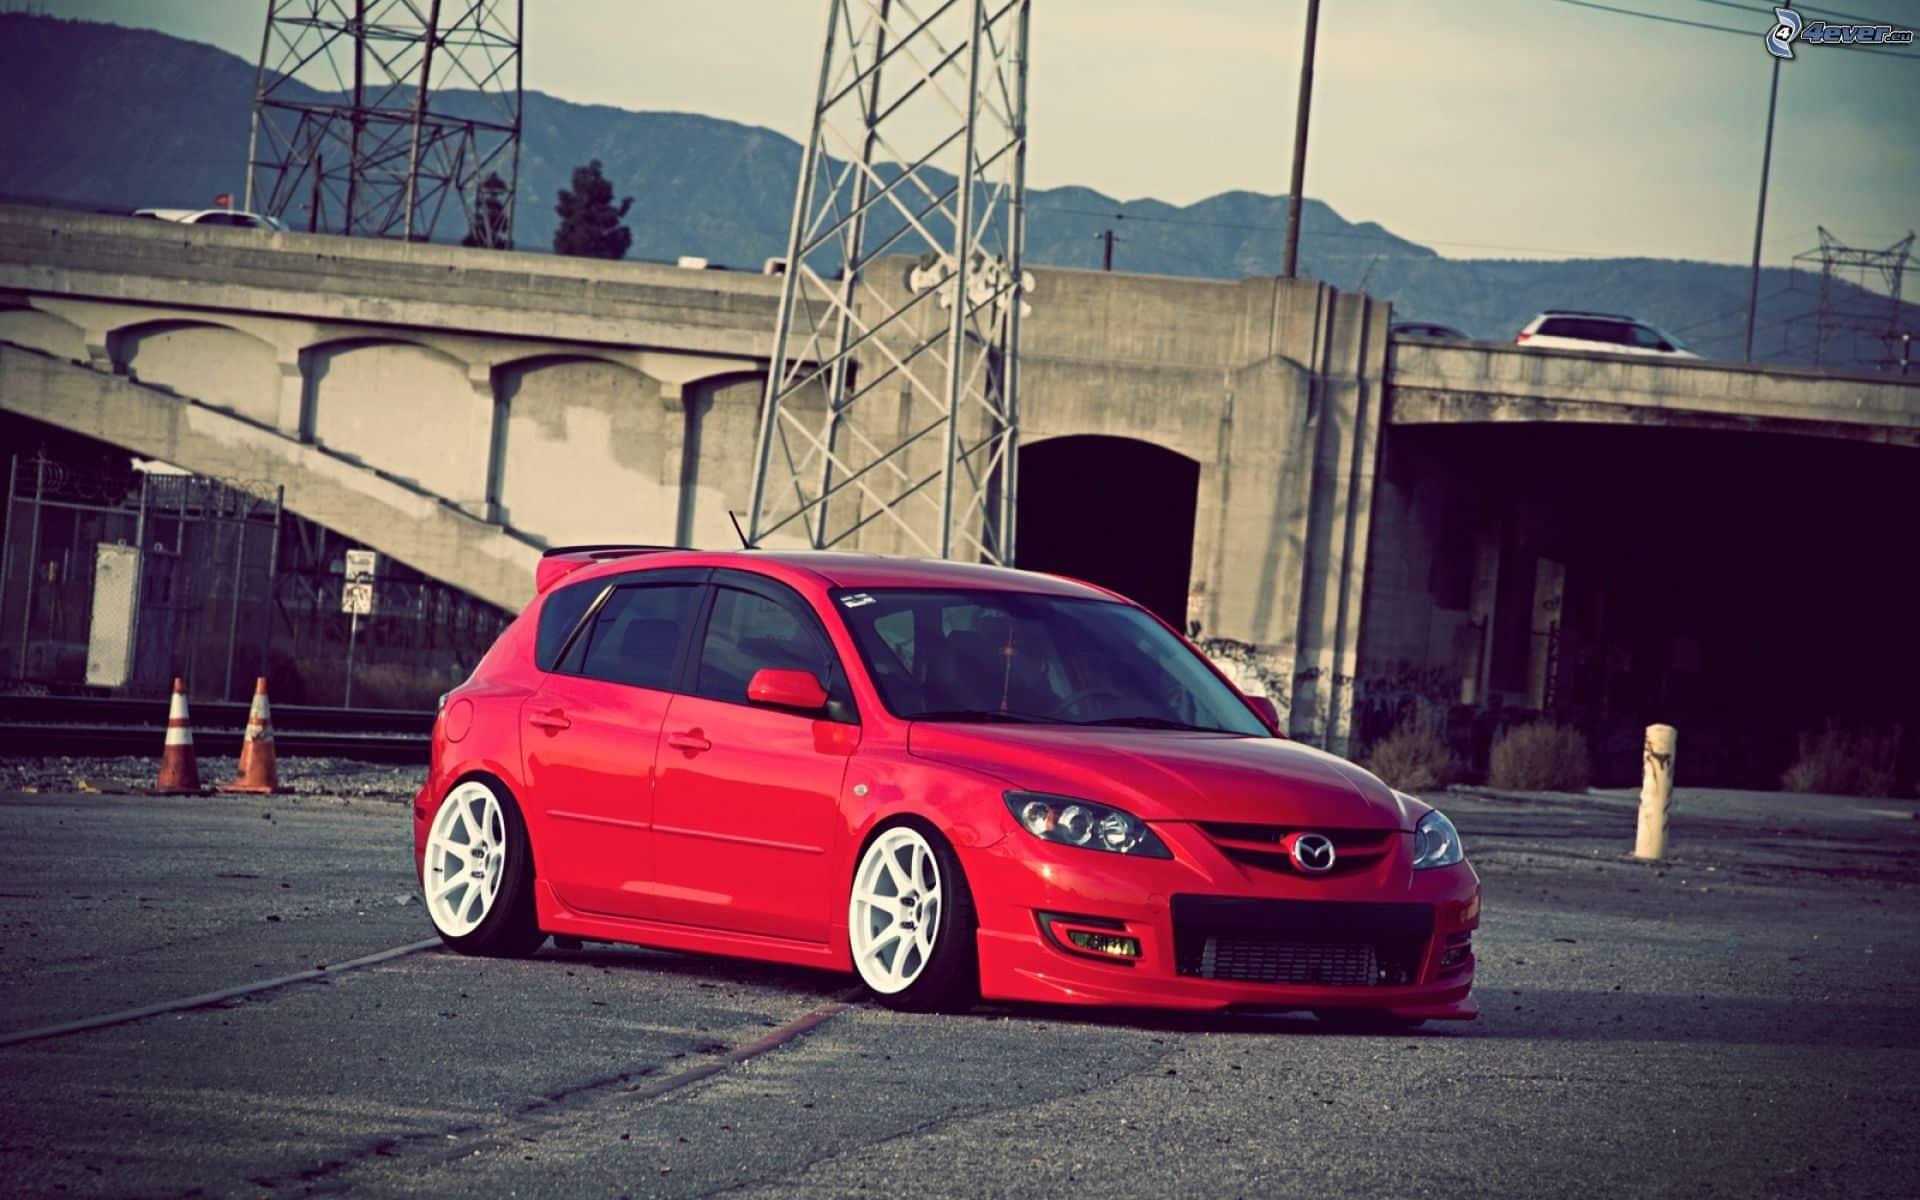 Красная Mazda 3 на фоне моста